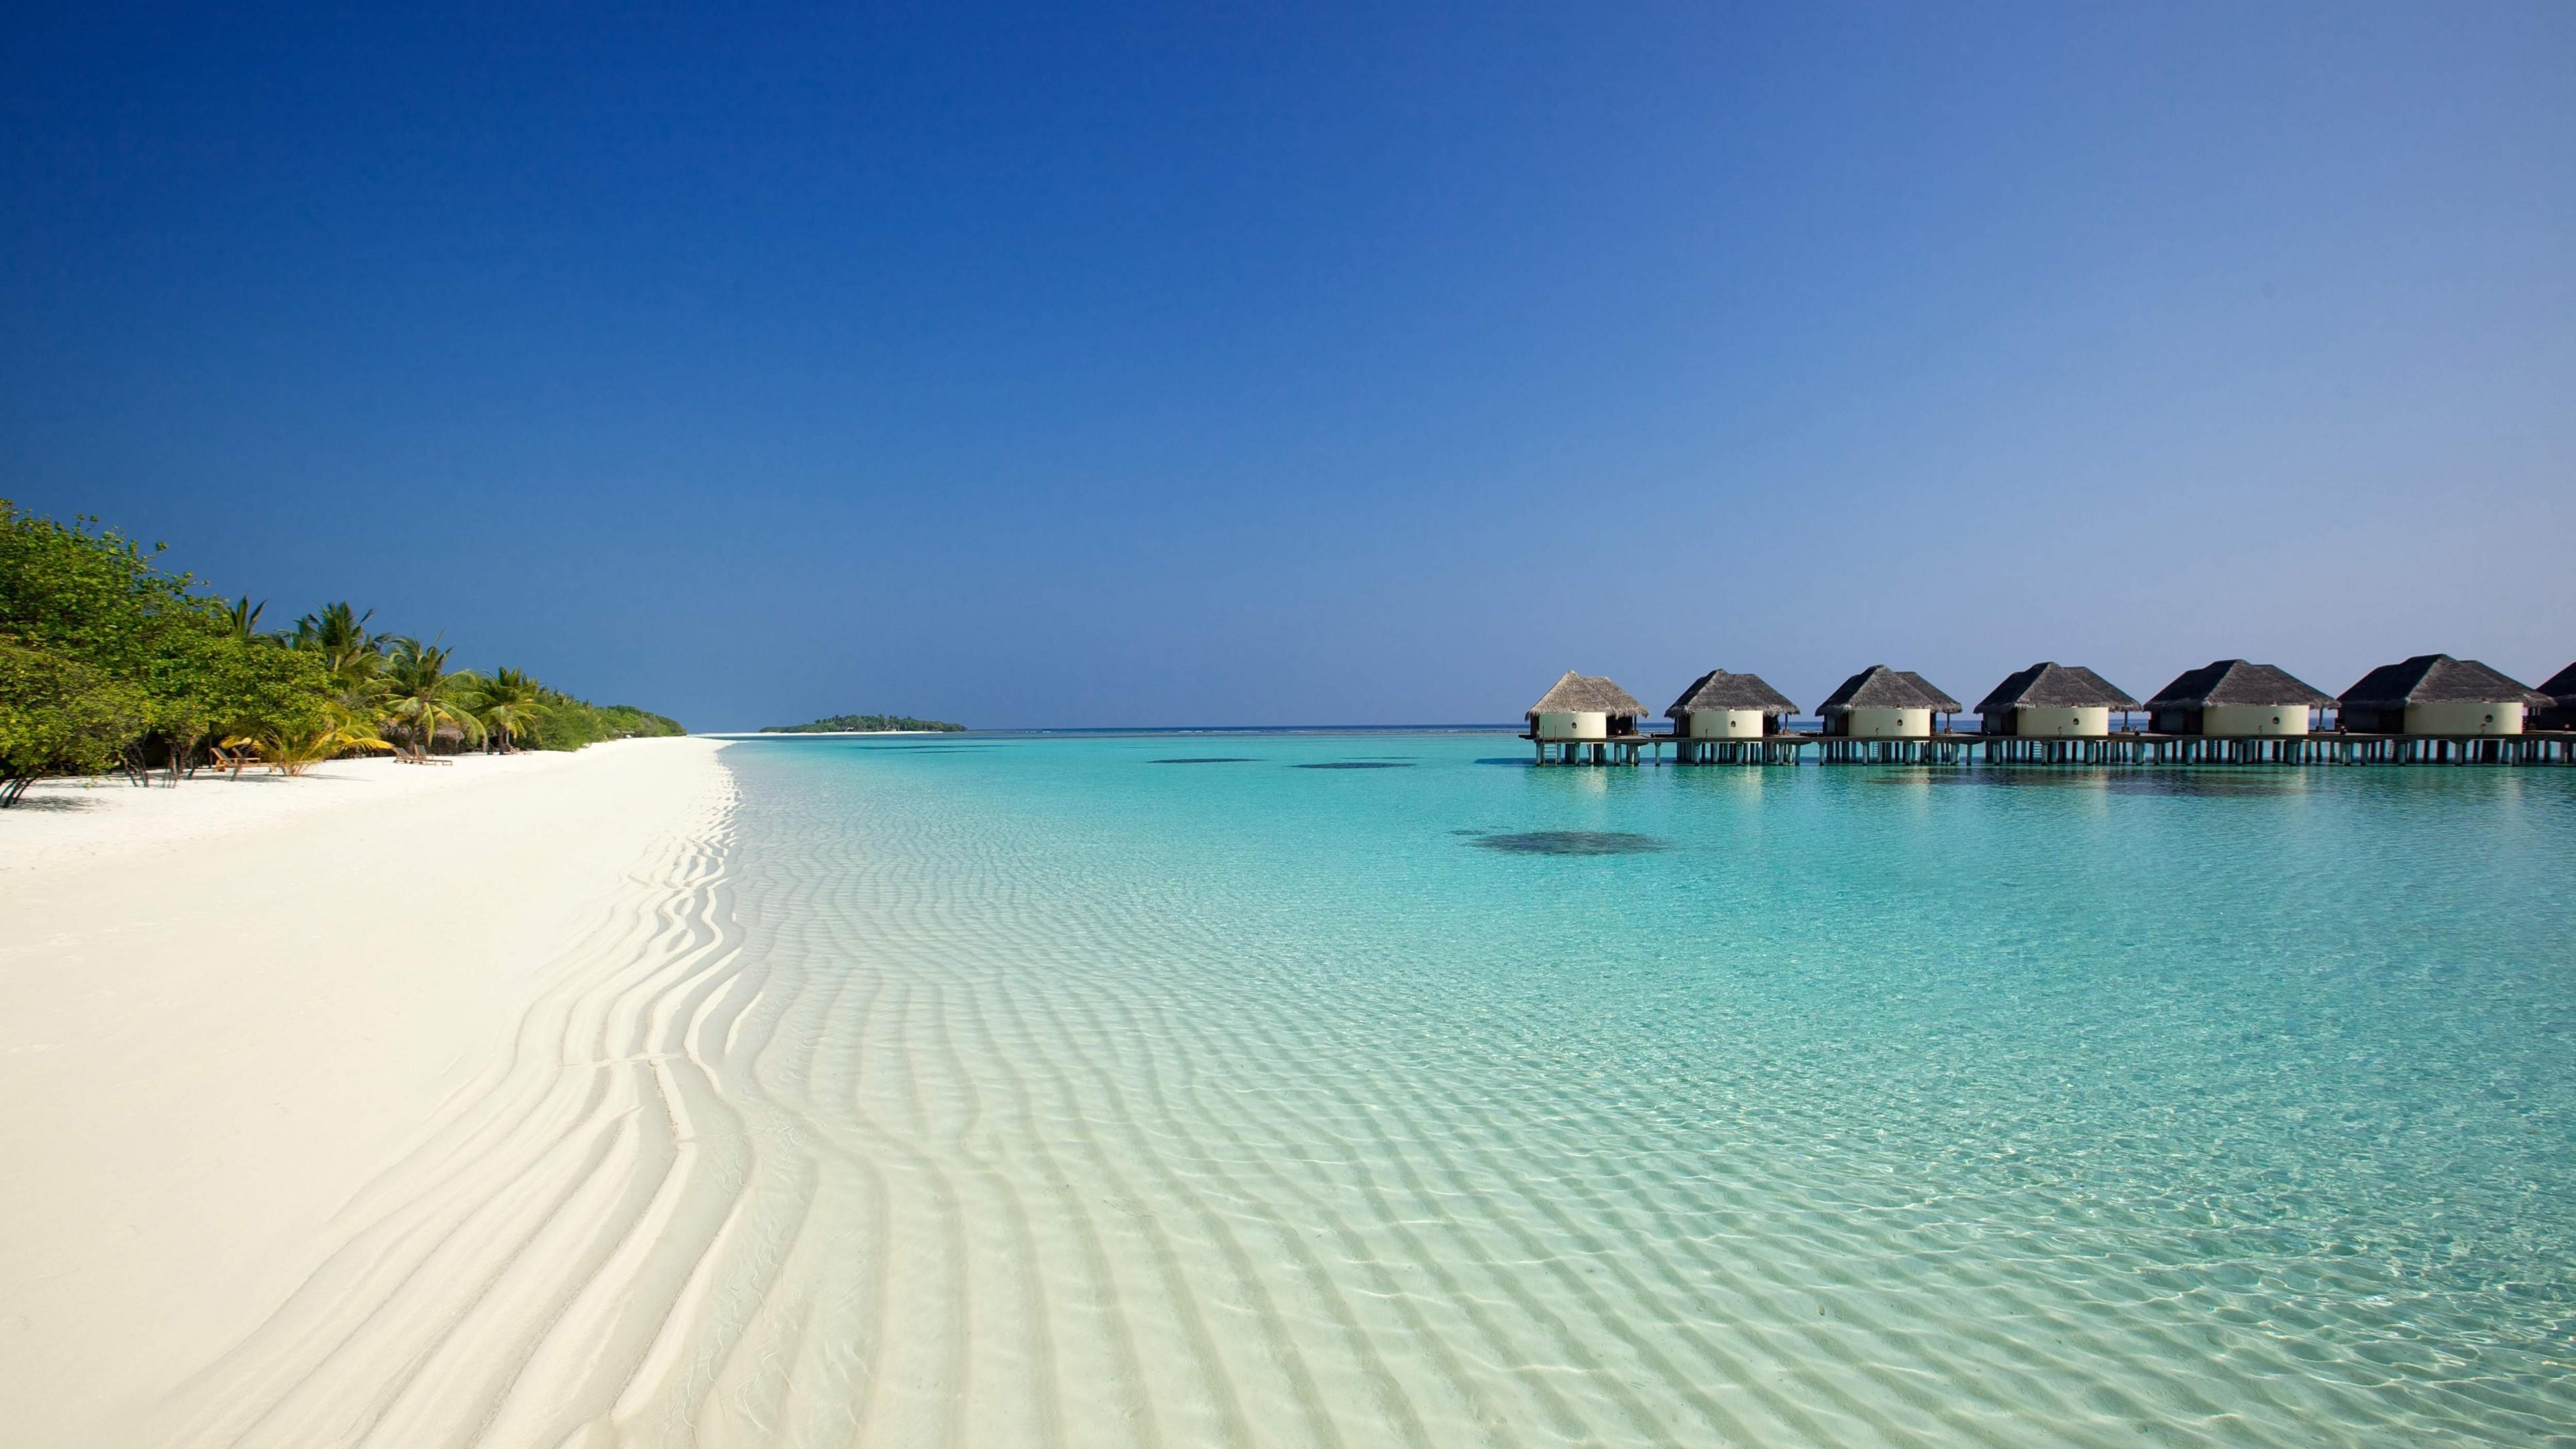 Wallpaper beach, ocean, sand, palm trees, bungalows